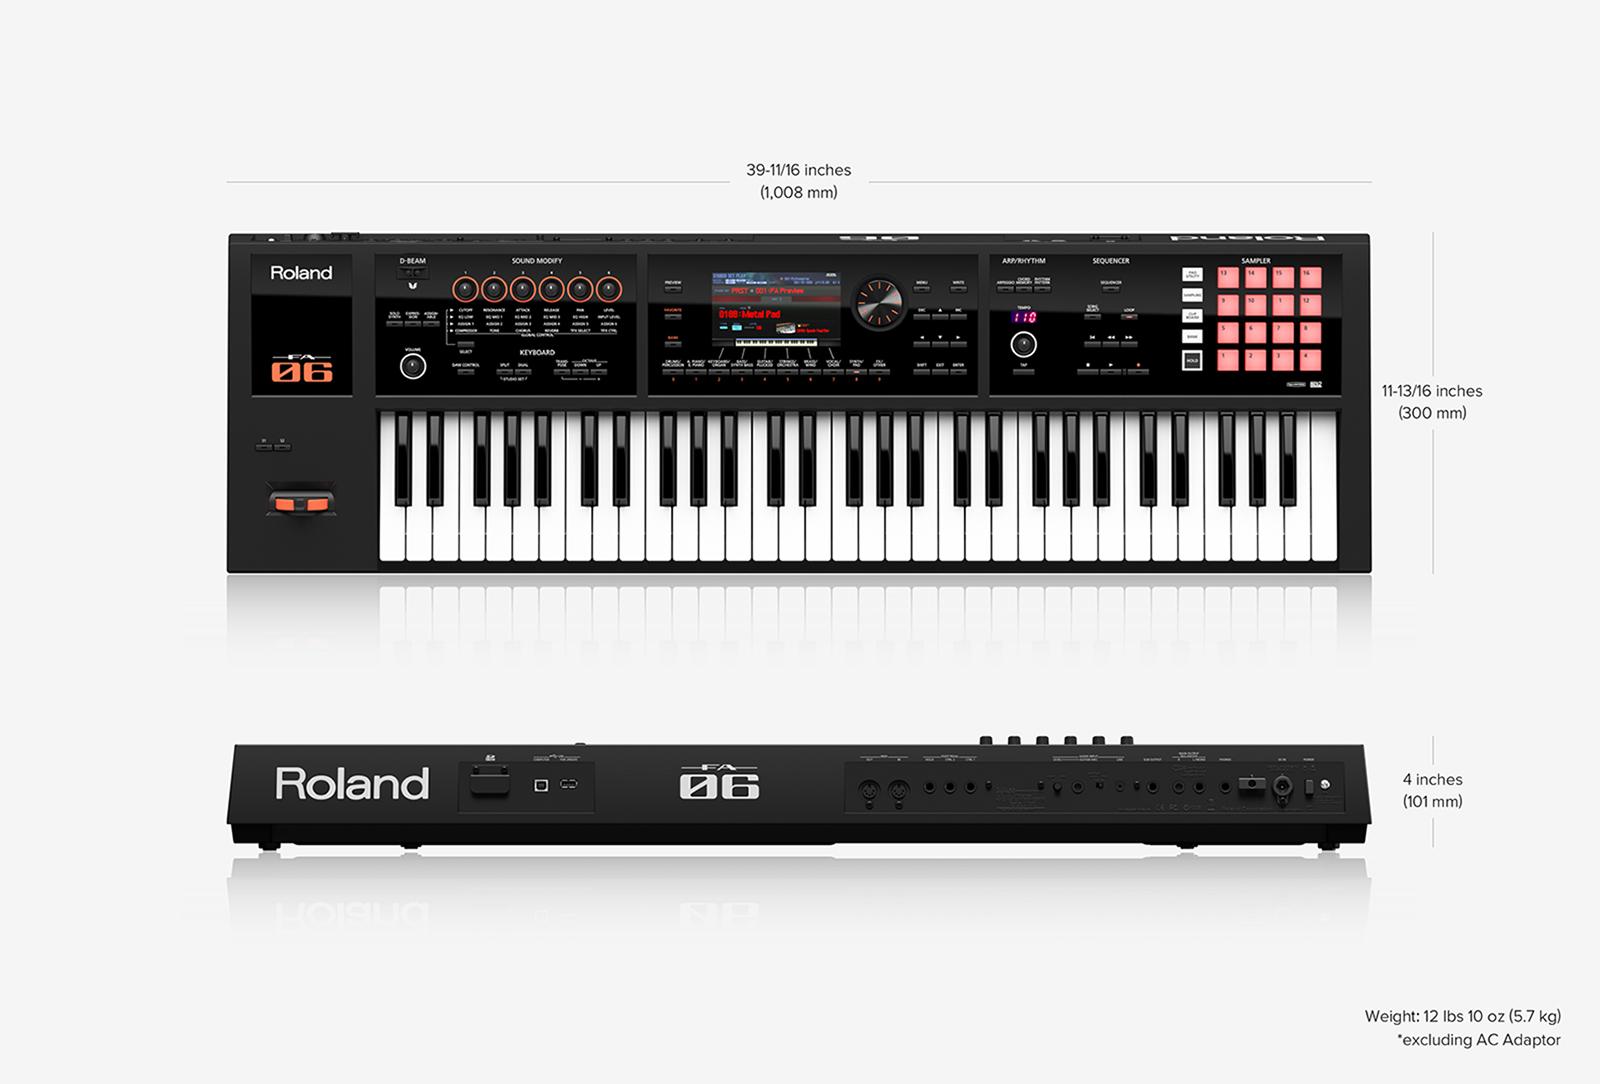 Mobile music polyphonic v2 61 winall keygen dvt milebis for Yamaha mx61 specs